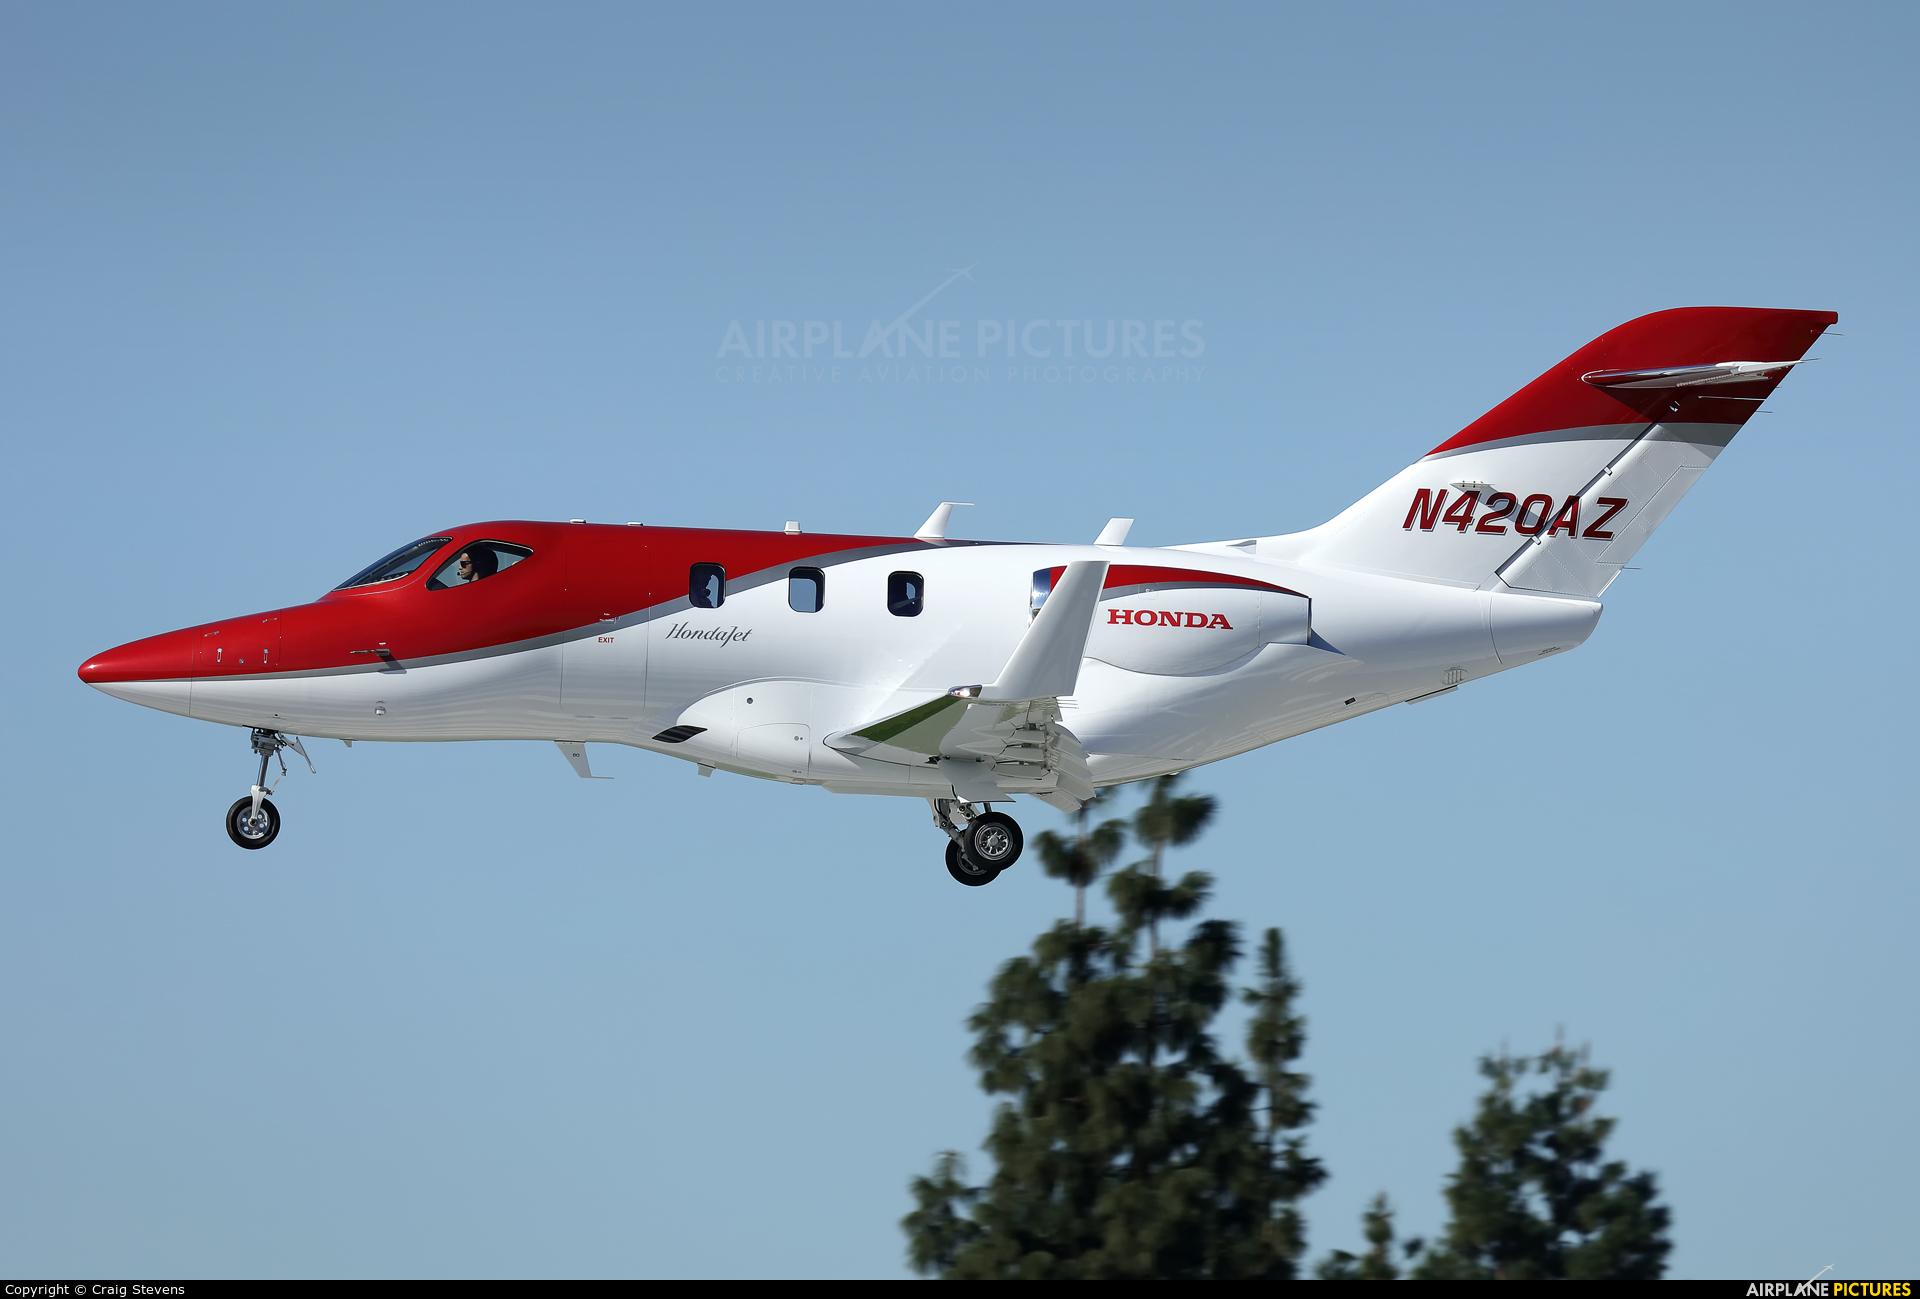 Wells Fargo Bank Northwest N420AZ aircraft at Van Nuys